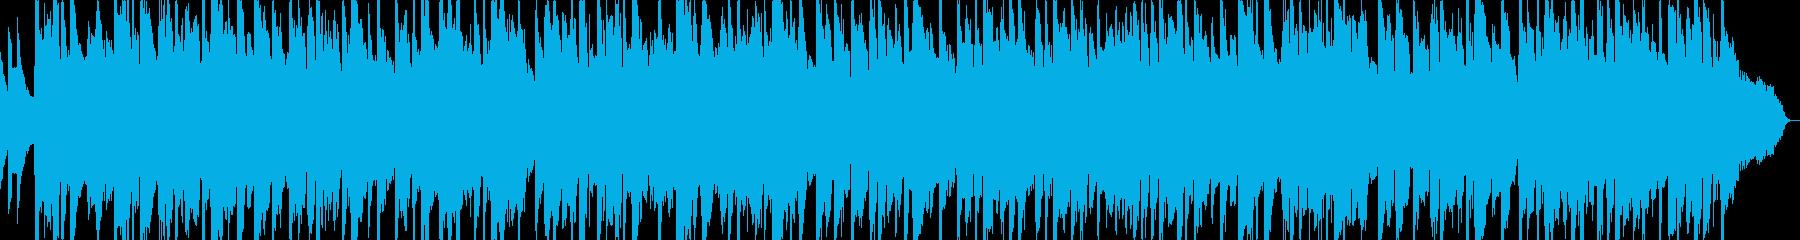 ギターとベースが絡むドラマティックBGMの再生済みの波形